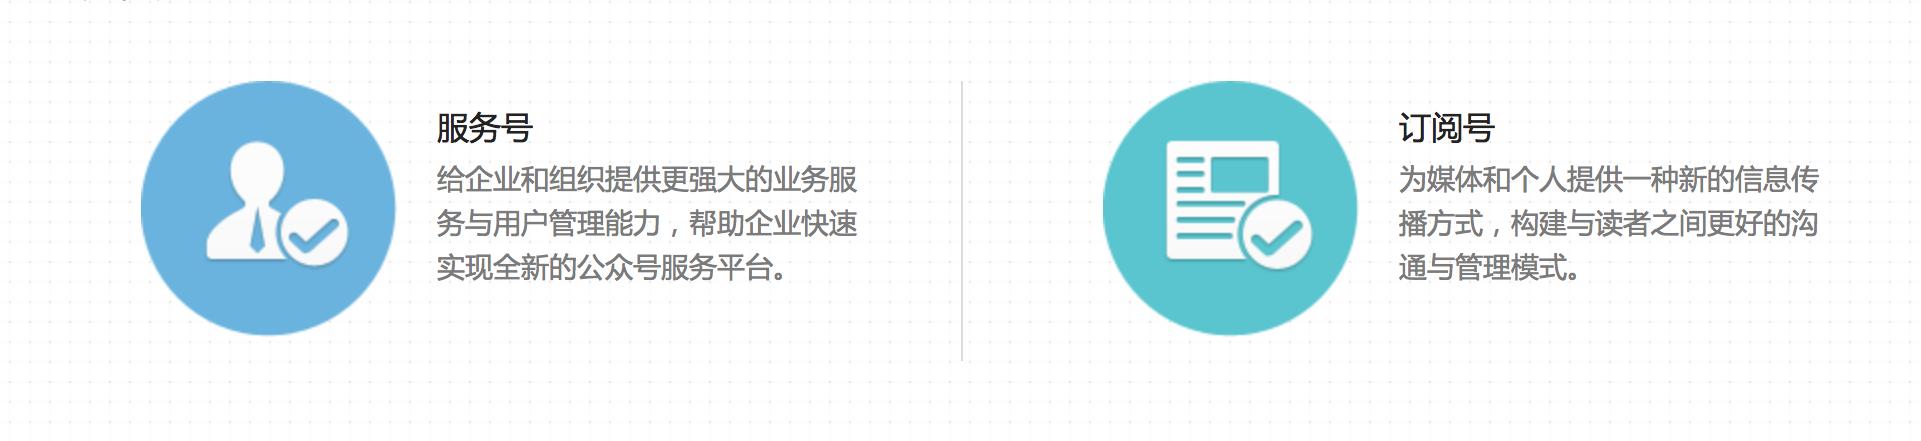 微信公众平台服务号和订阅号的区别